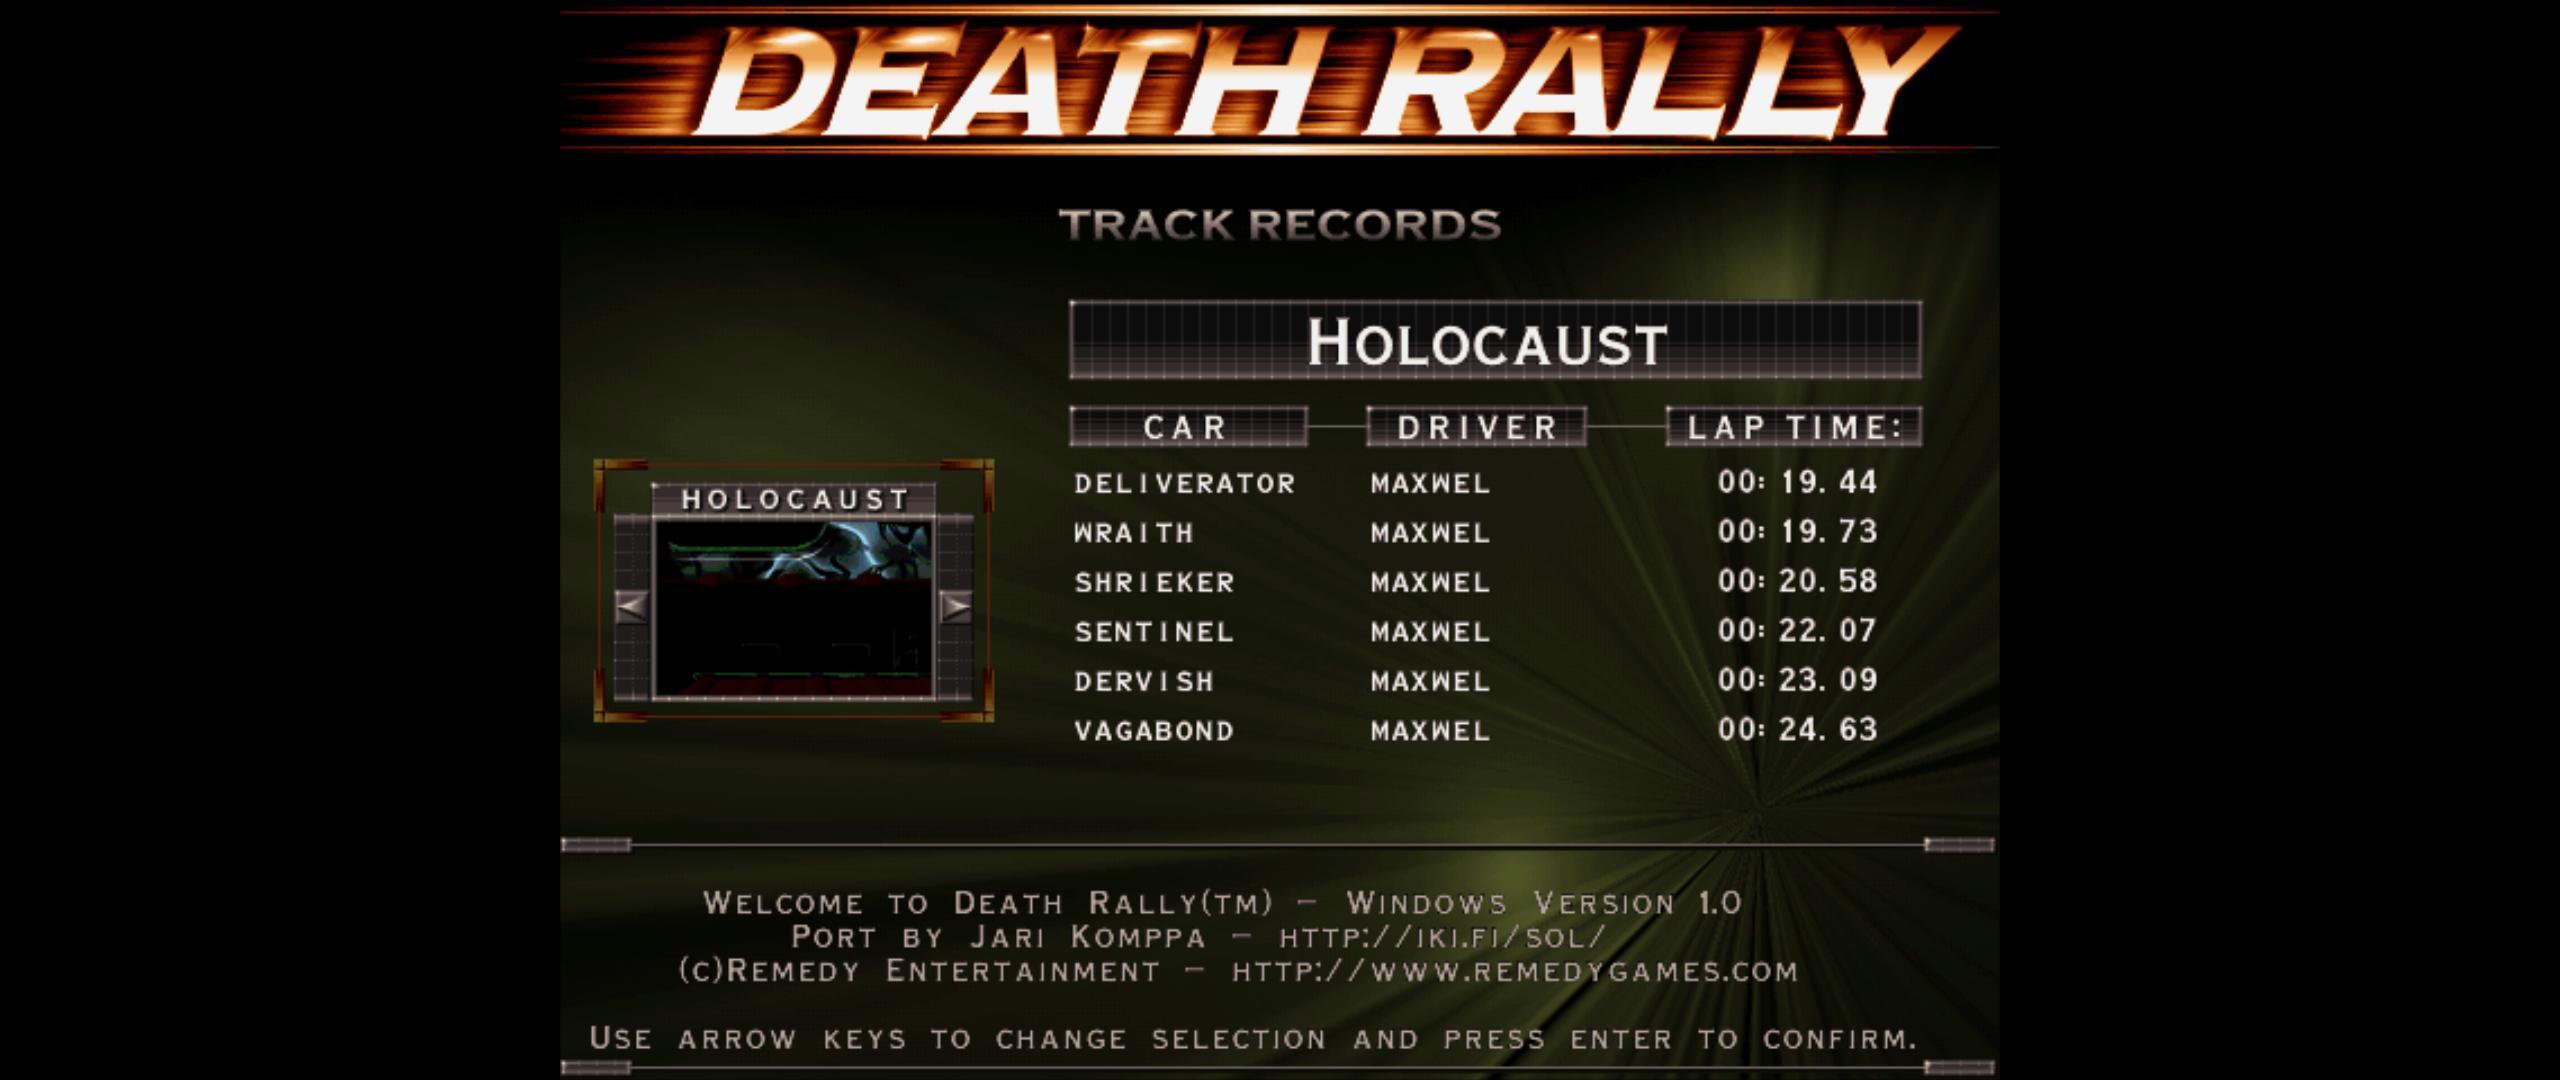 Maxwel: Death Rally [Holocaust, Wraith Car] (PC) 0:00:19.73 points on 2016-03-02 04:19:51